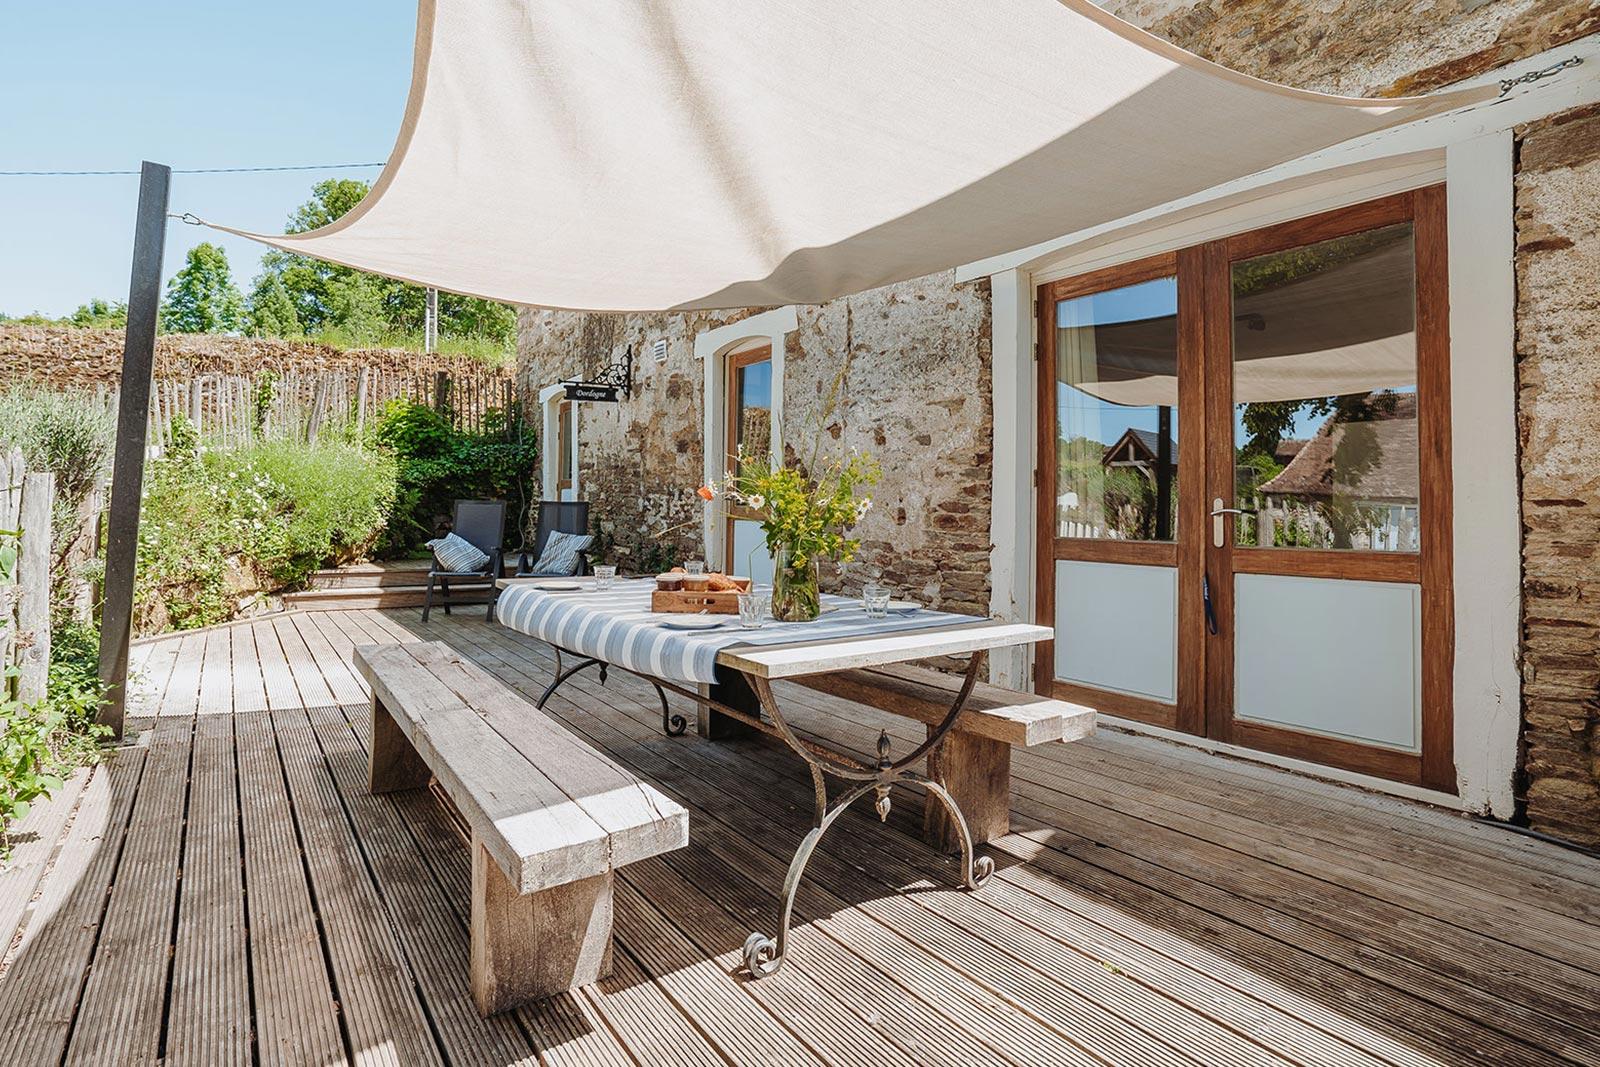 Een LOTTage is een cottage (vakantiehuis) dat speciaal is aangekocht en gerenoveerd door LOTT holiday homes & more